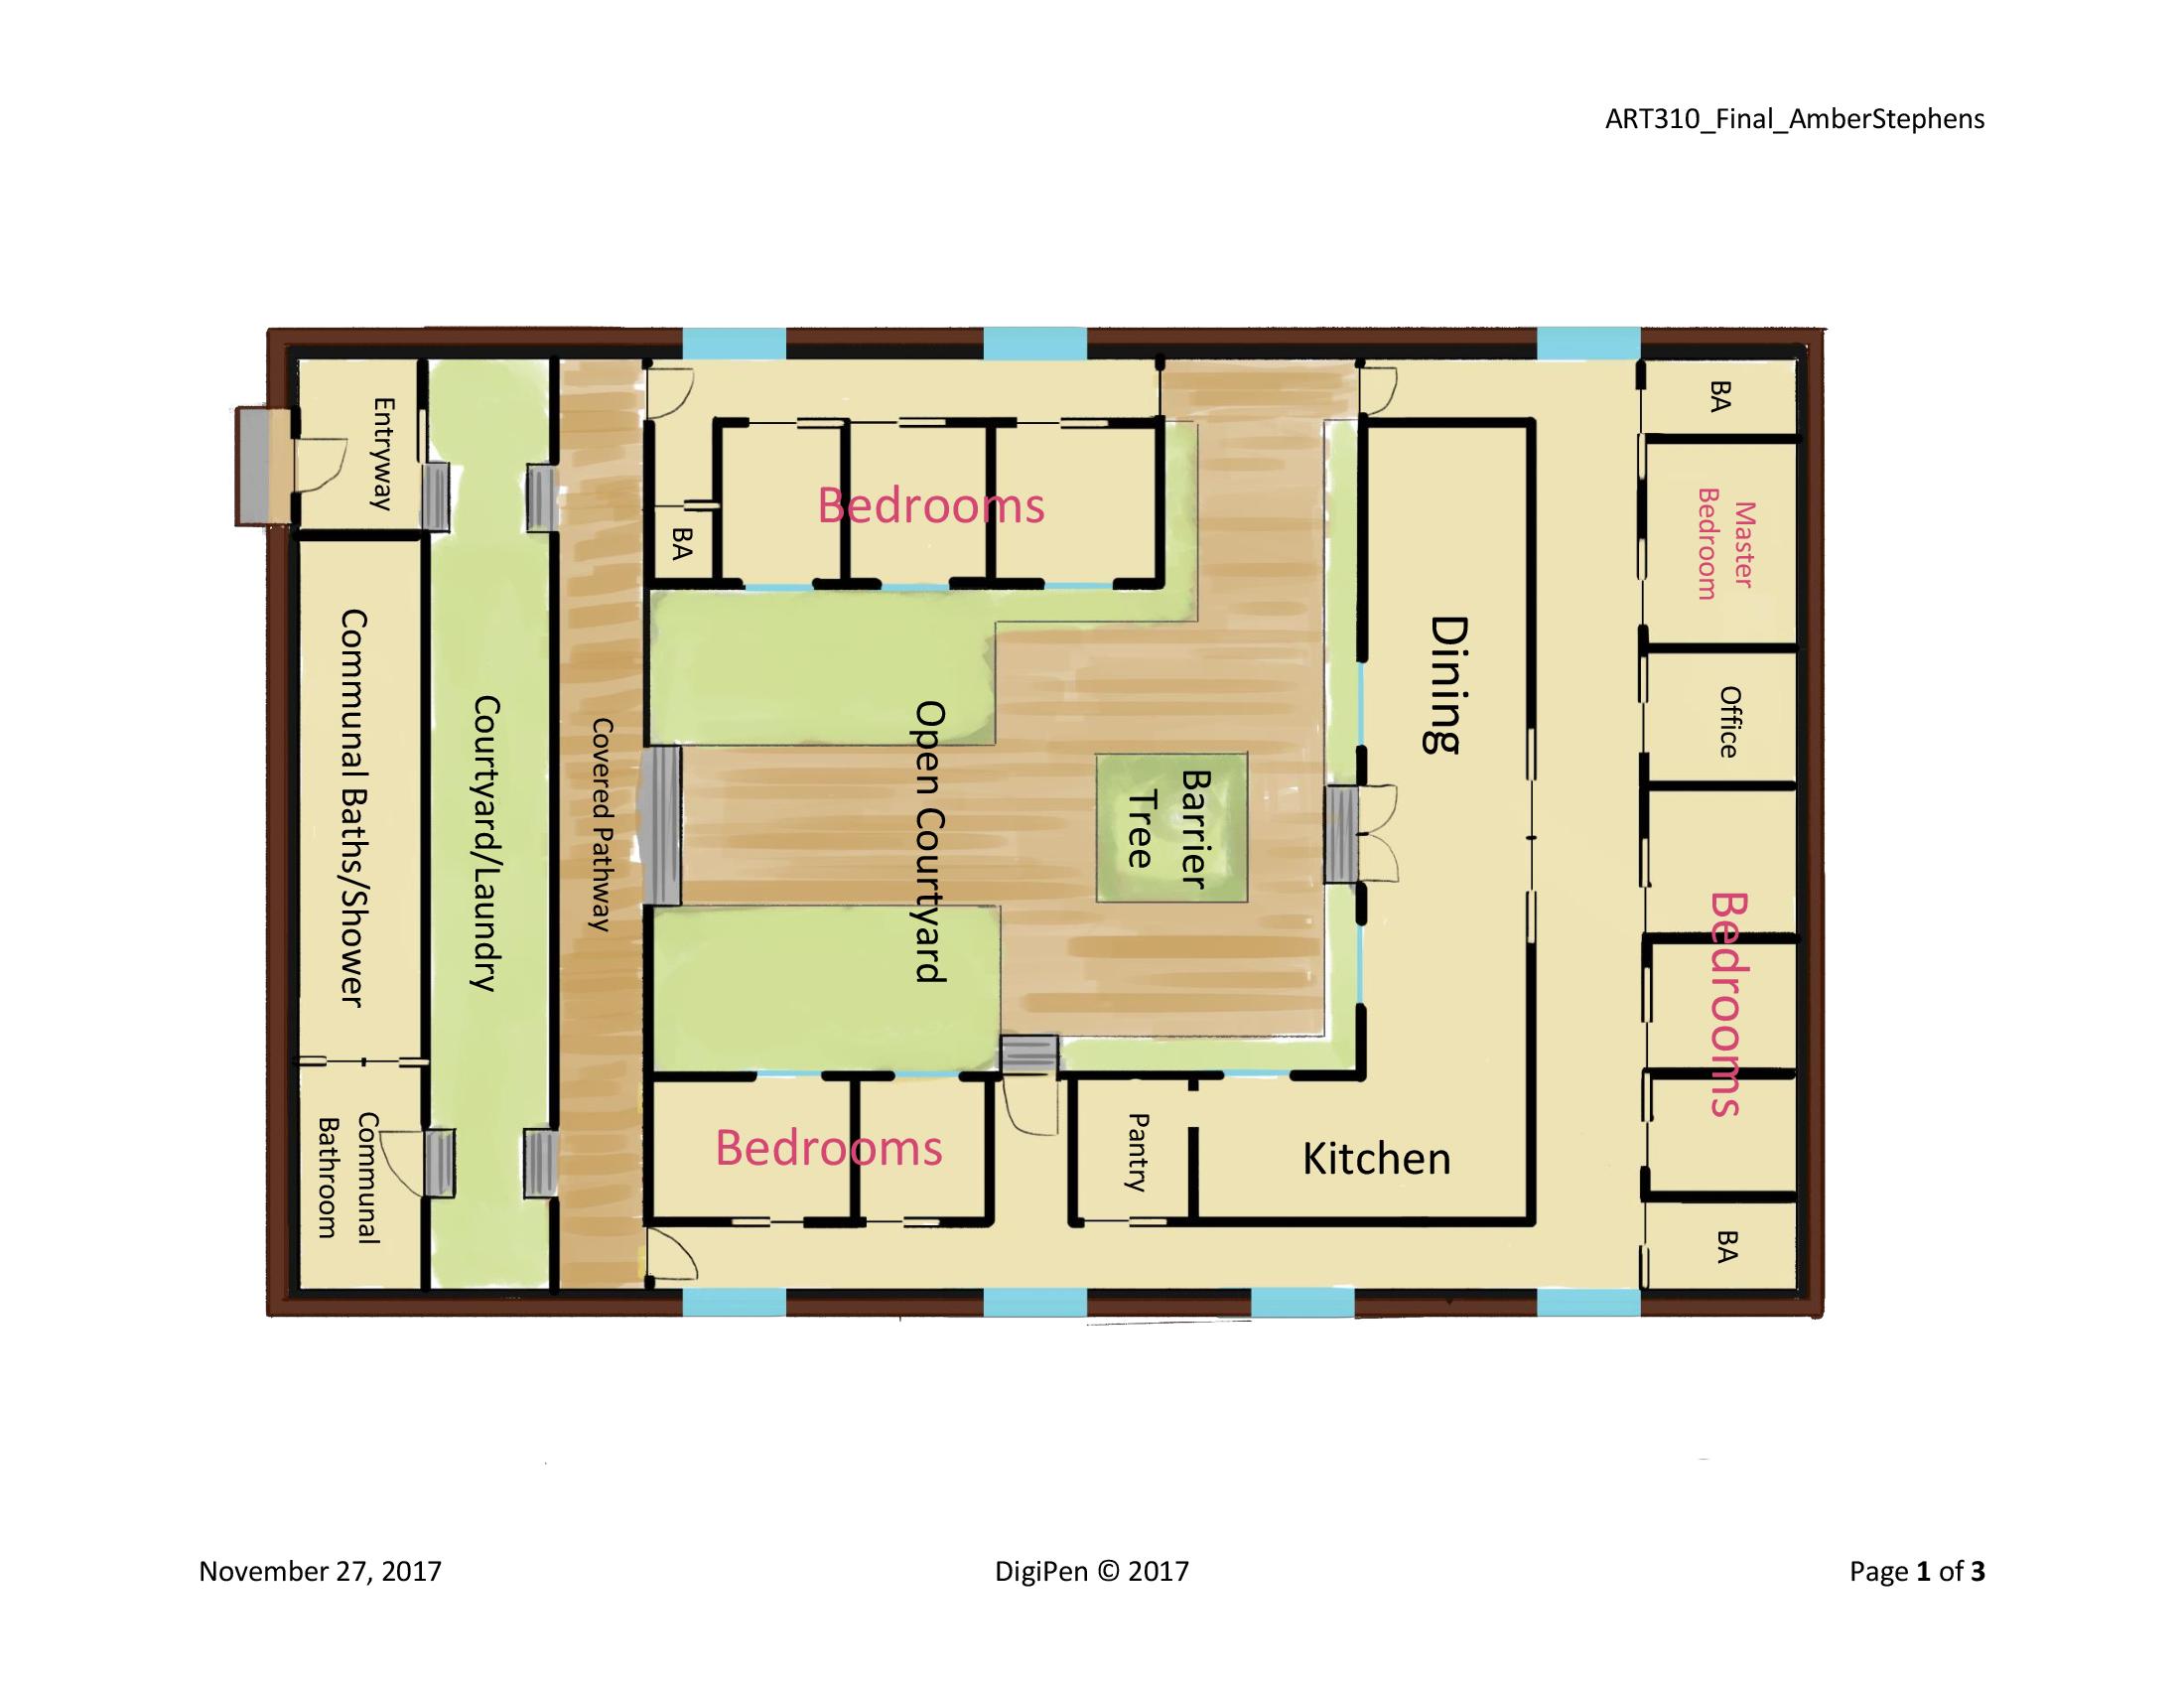 ART310_Floorplan_Stephens.png